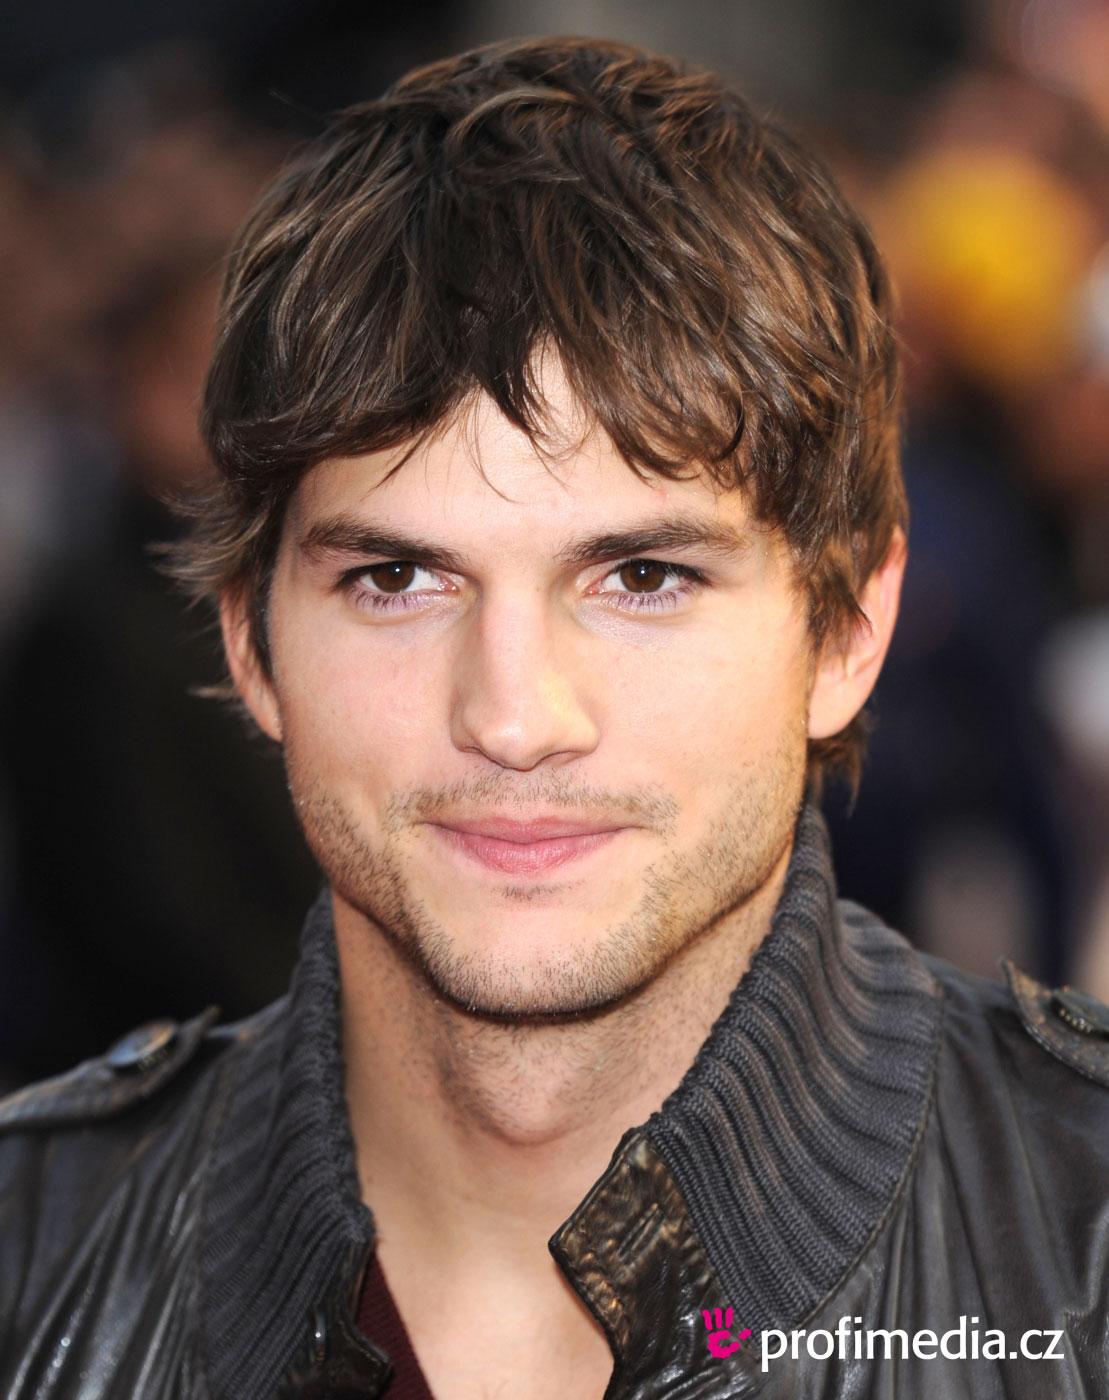 http://4.bp.blogspot.com/-mOdX26LwUdc/T7JieHeuK7I/AAAAAAAAN24/bykXoSwE4zI/s1600/kutcher-filme-jobs.jpg